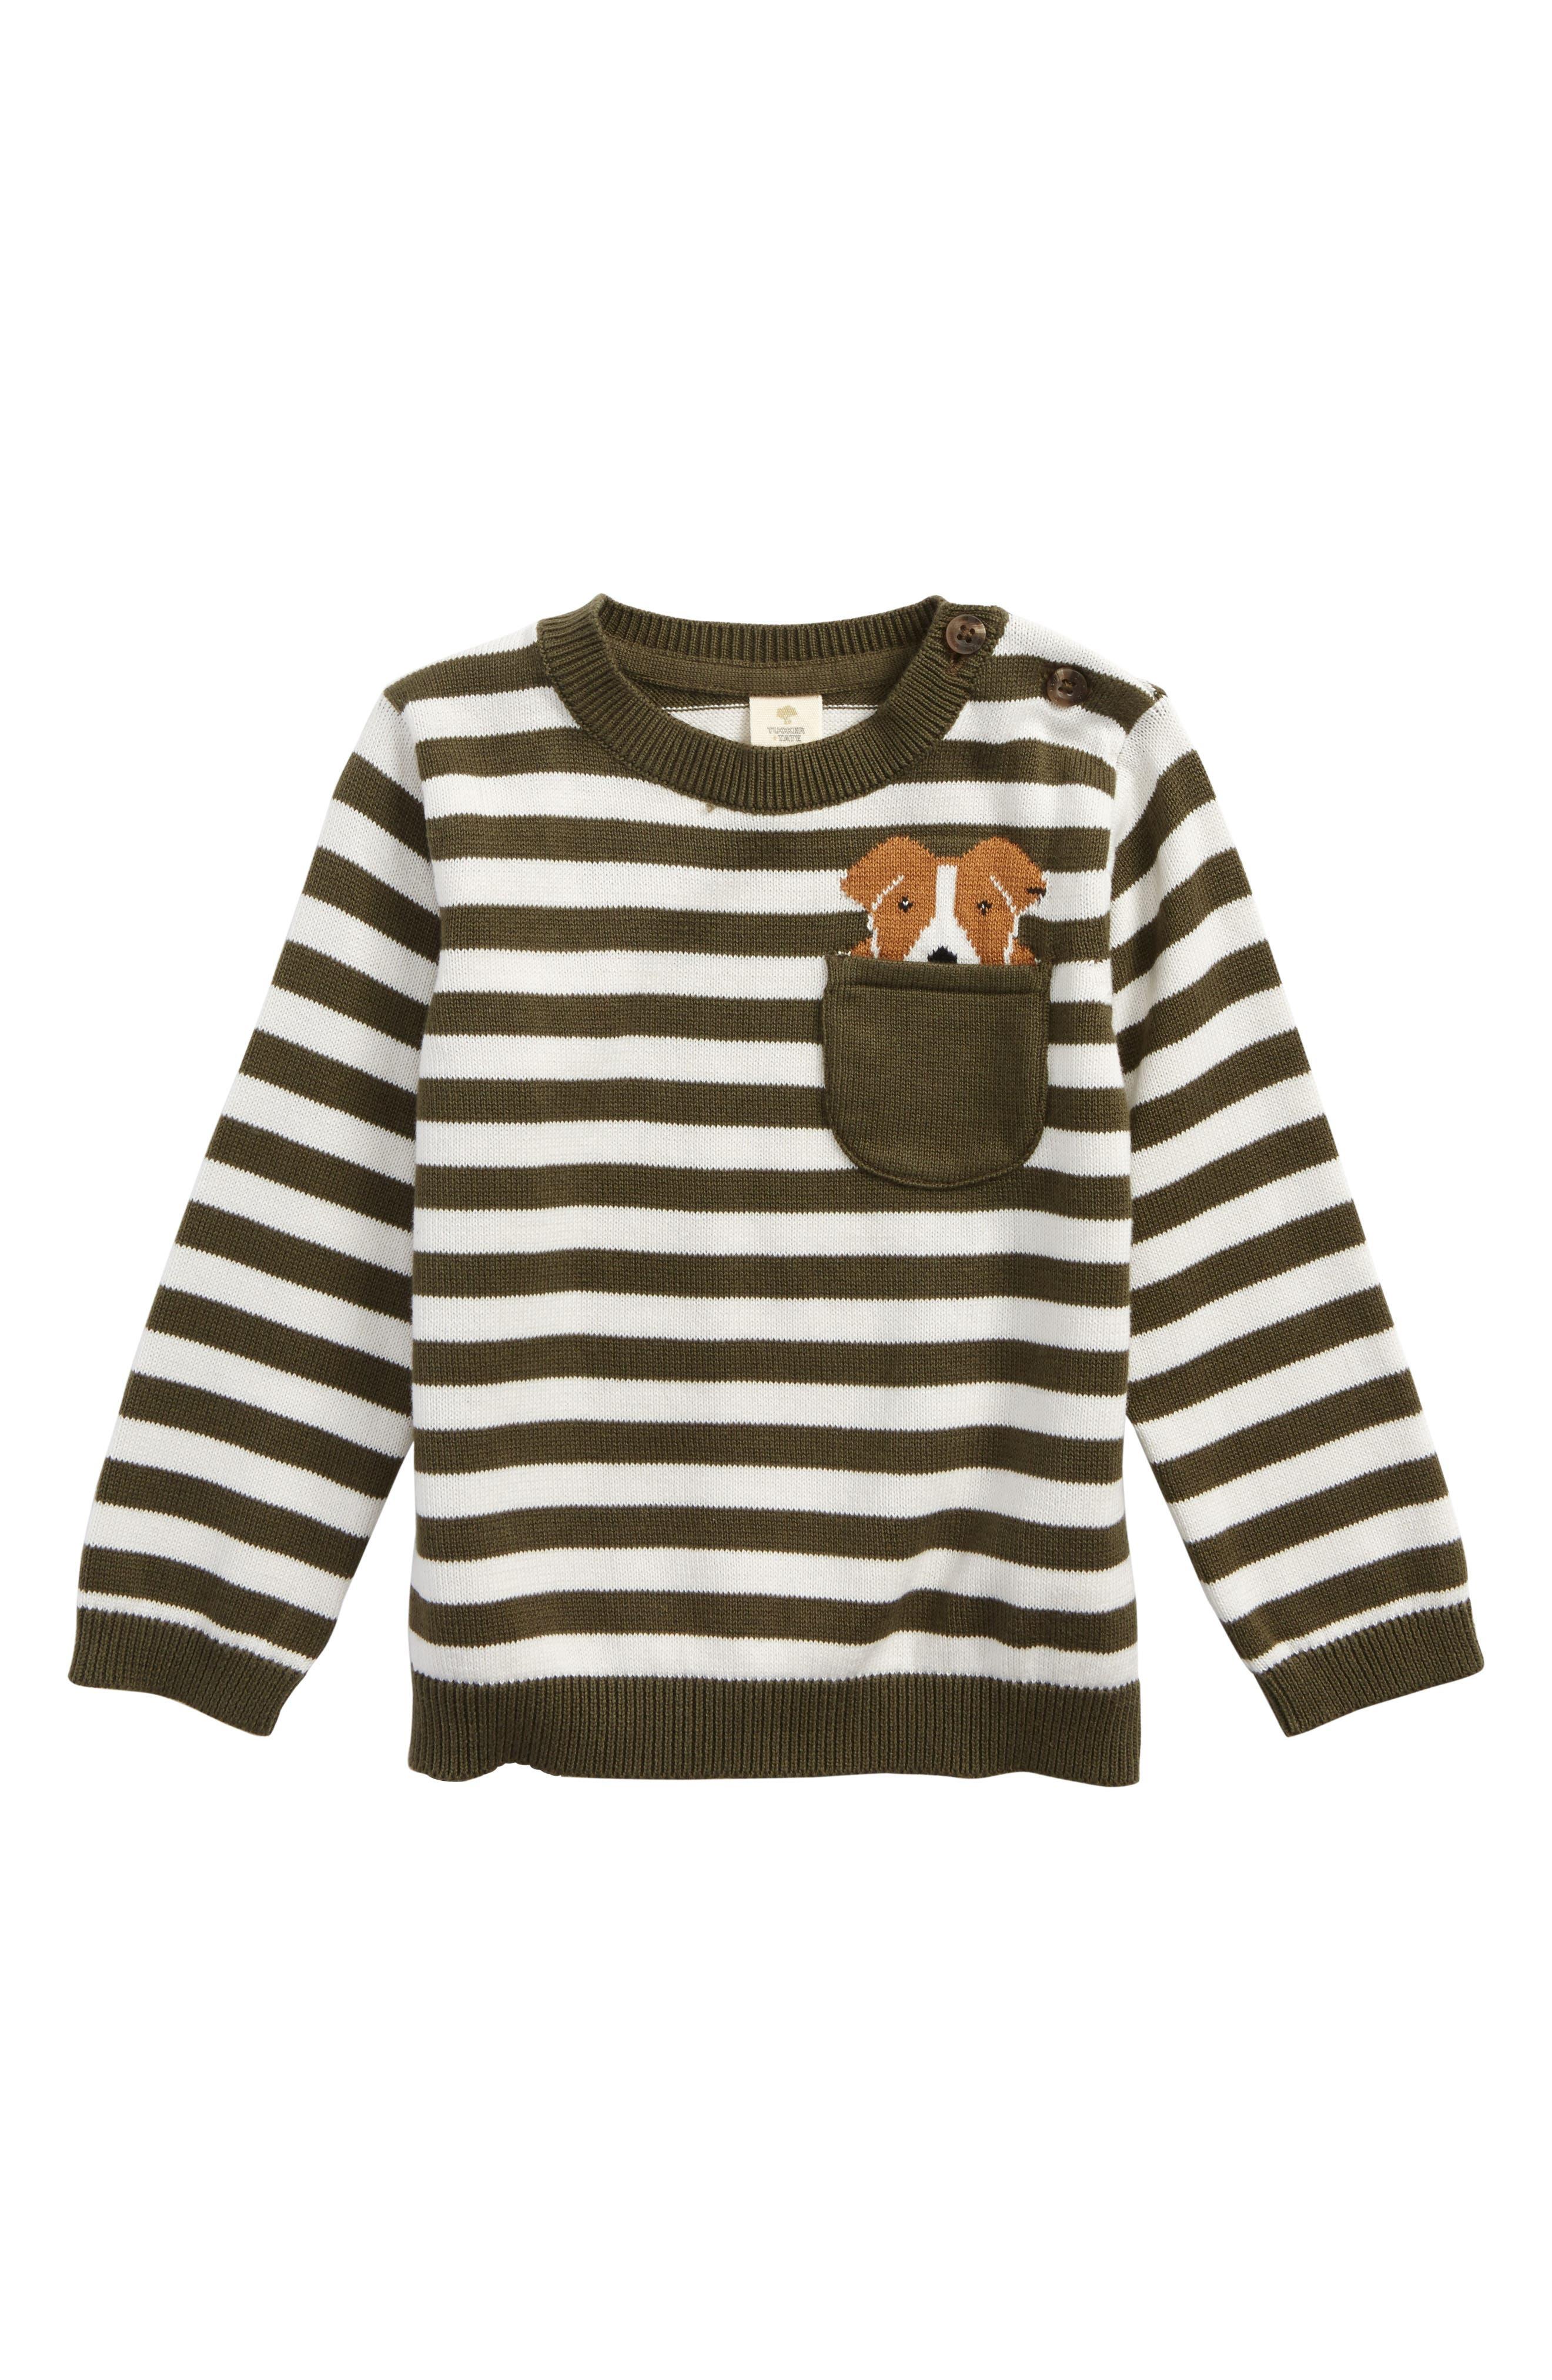 Pocket Dog Sweater,                             Main thumbnail 1, color,